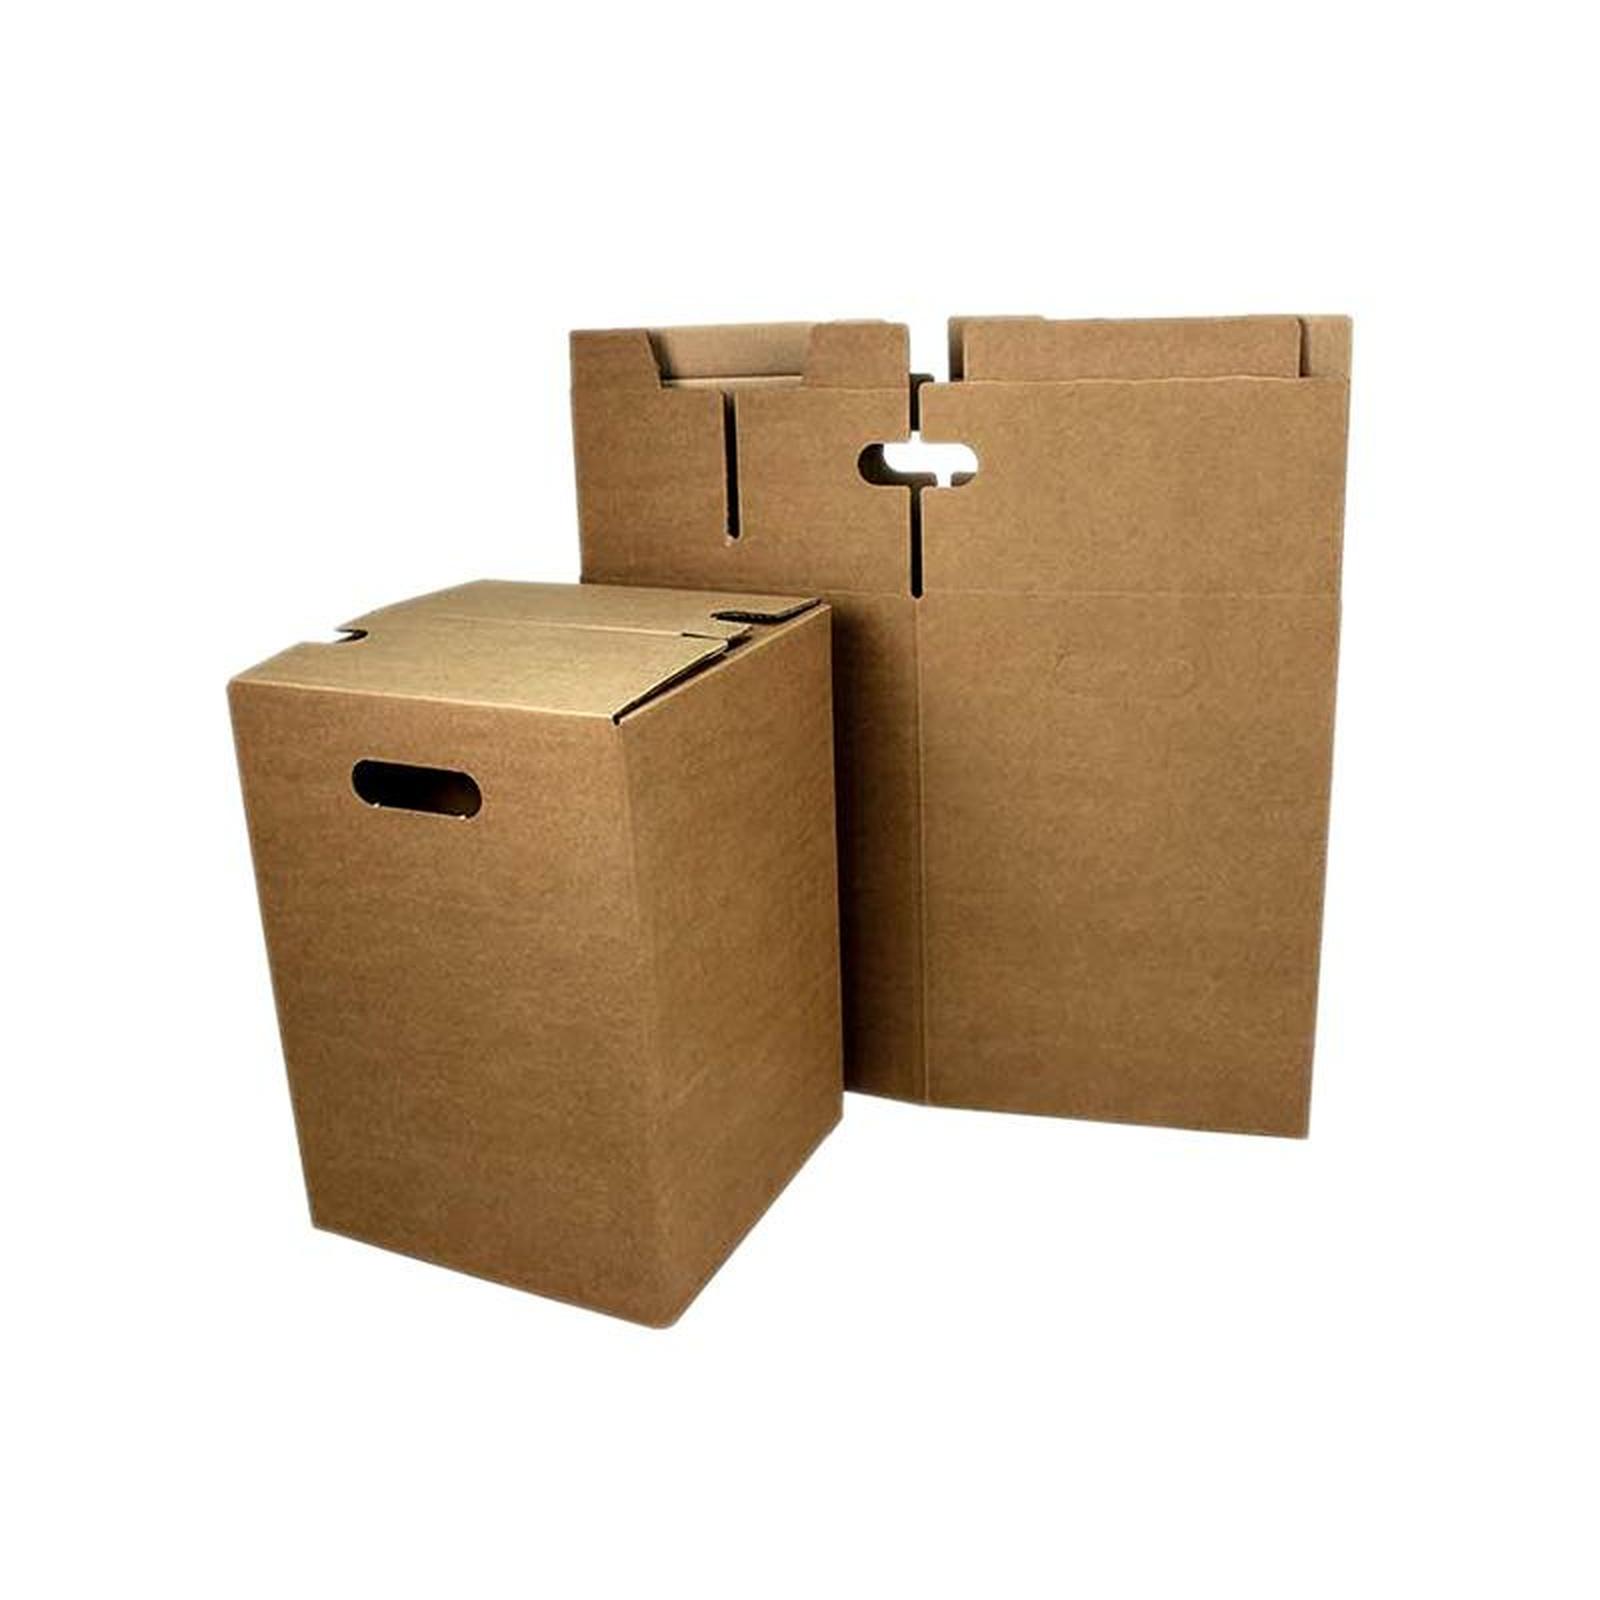 1 teiliger papphocker braun 300x300x420 mm g nstig kaufen. Black Bedroom Furniture Sets. Home Design Ideas